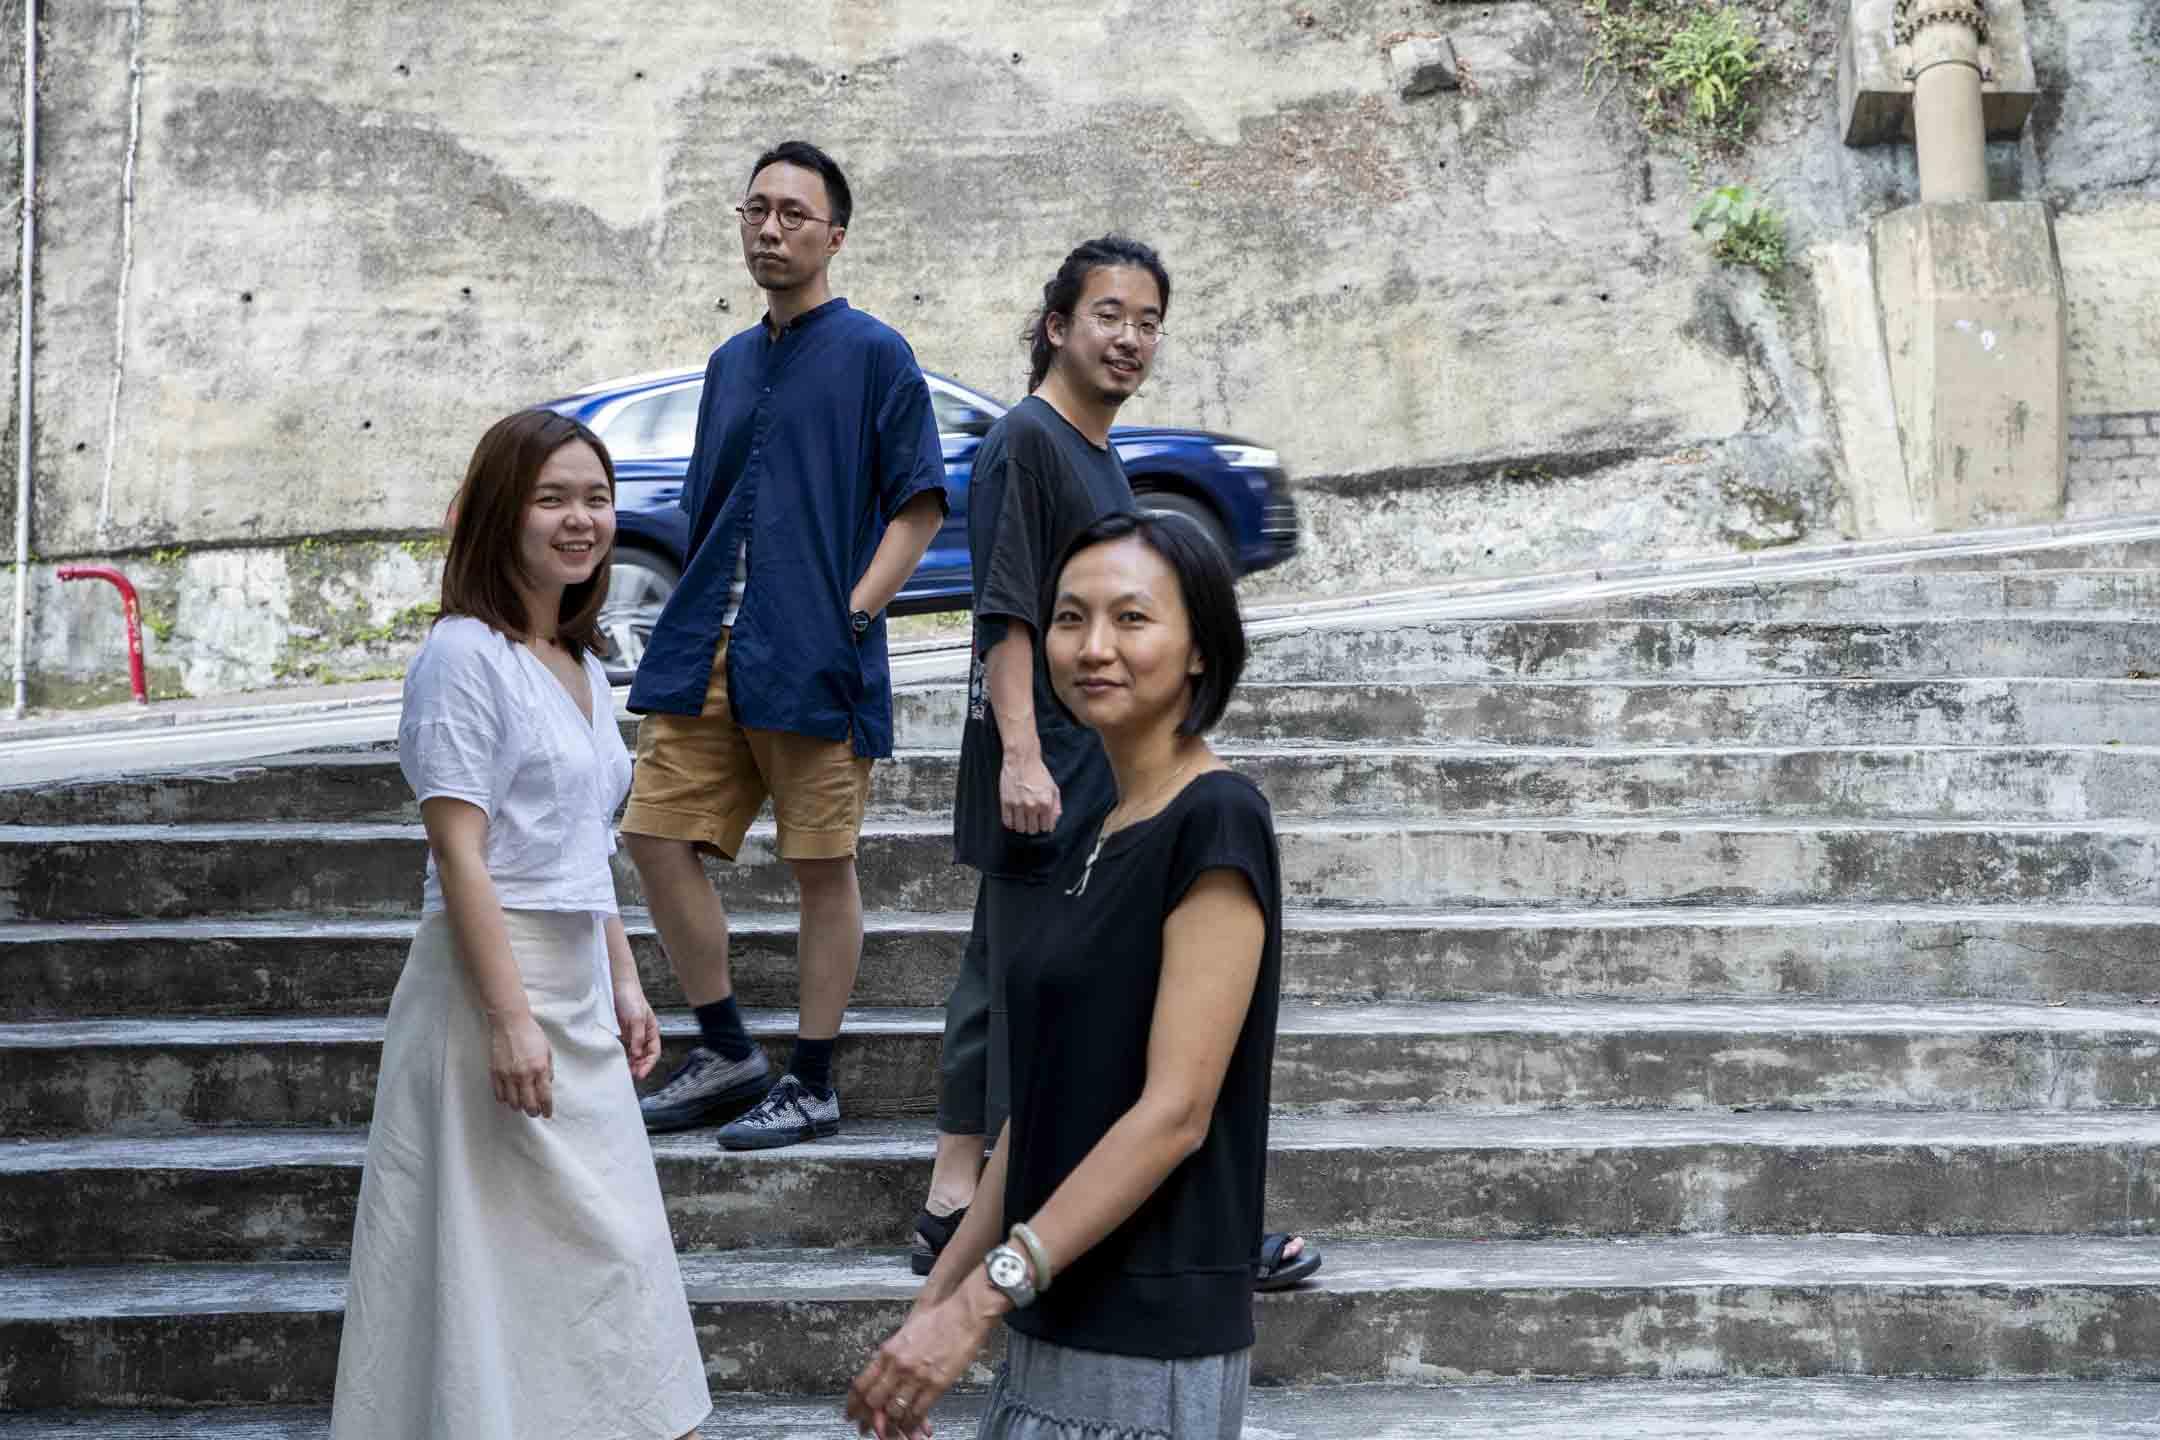 王天仁、羅偉珊、張嘉莉與連桷璋都是去年當選的新手「素人」區議員。 攝:林振東/端傳媒